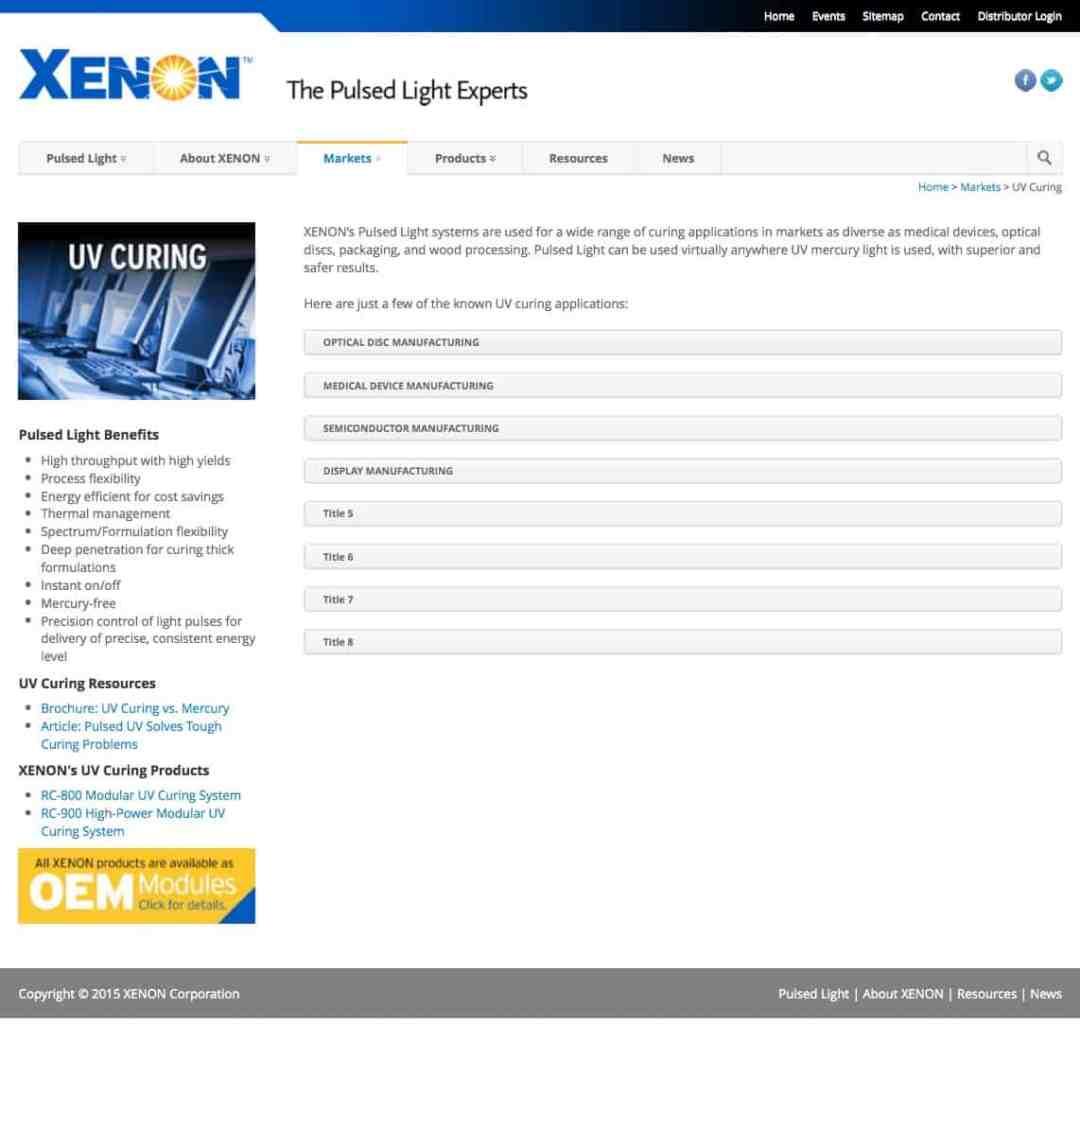 XENON004